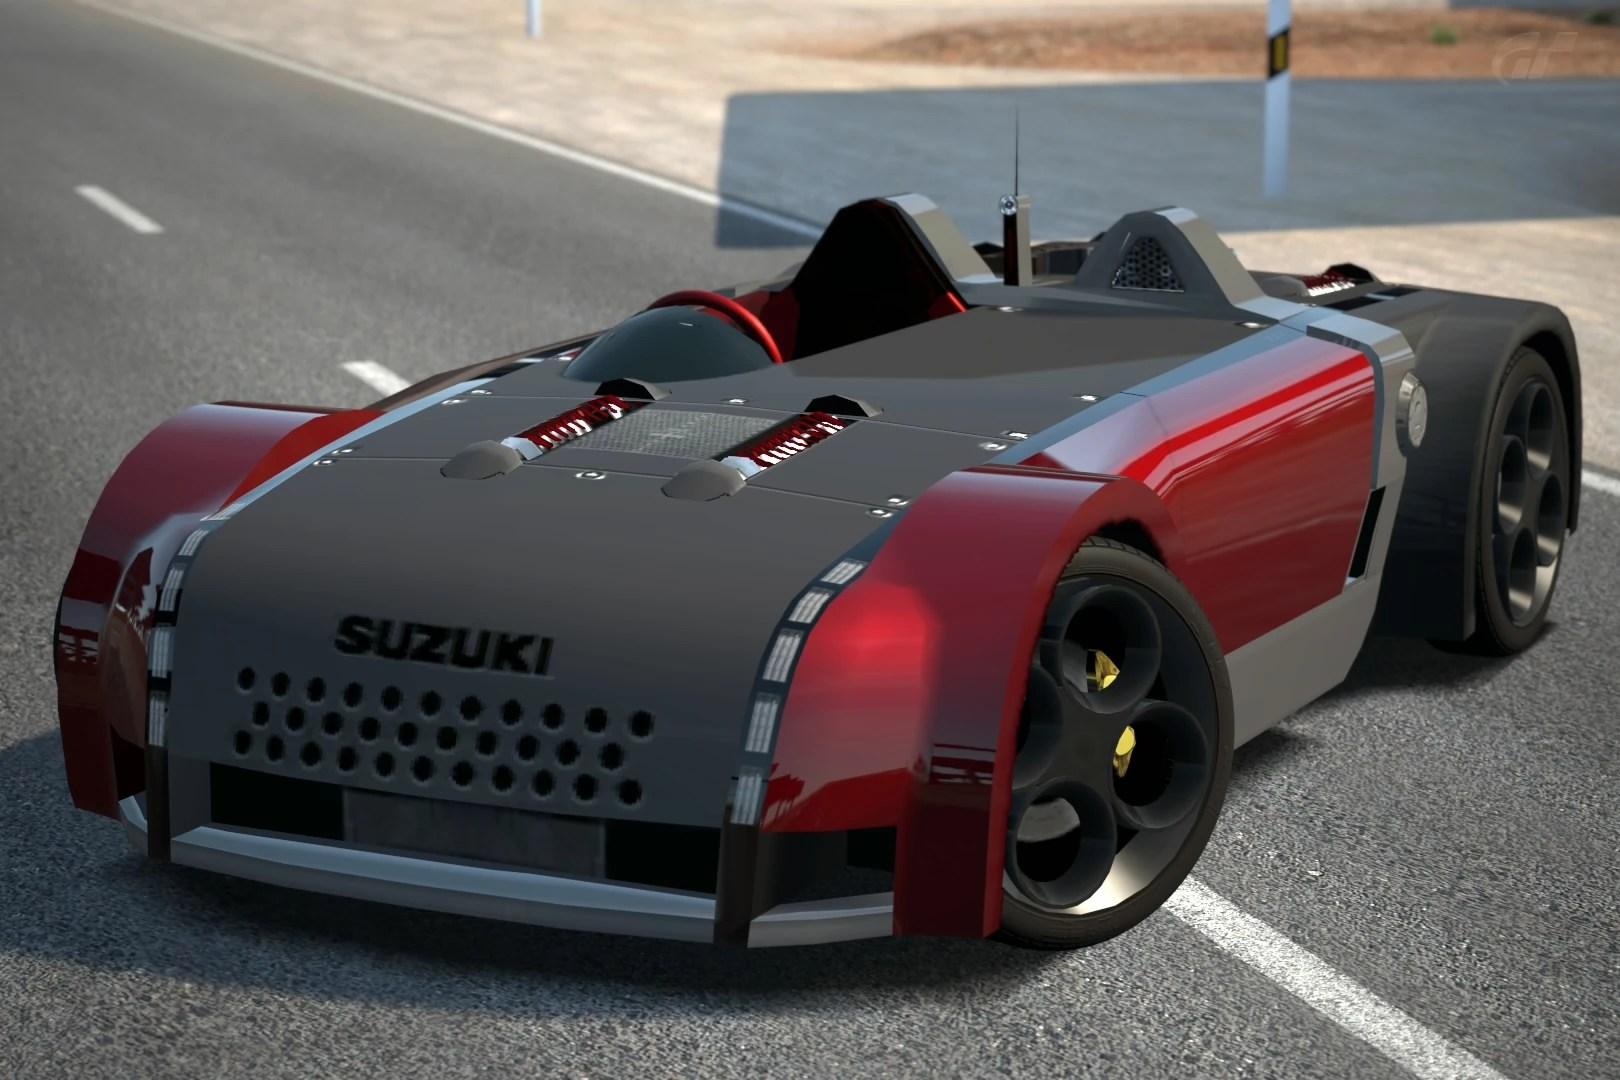 hight resolution of suzuki gsx r 4 concept 01